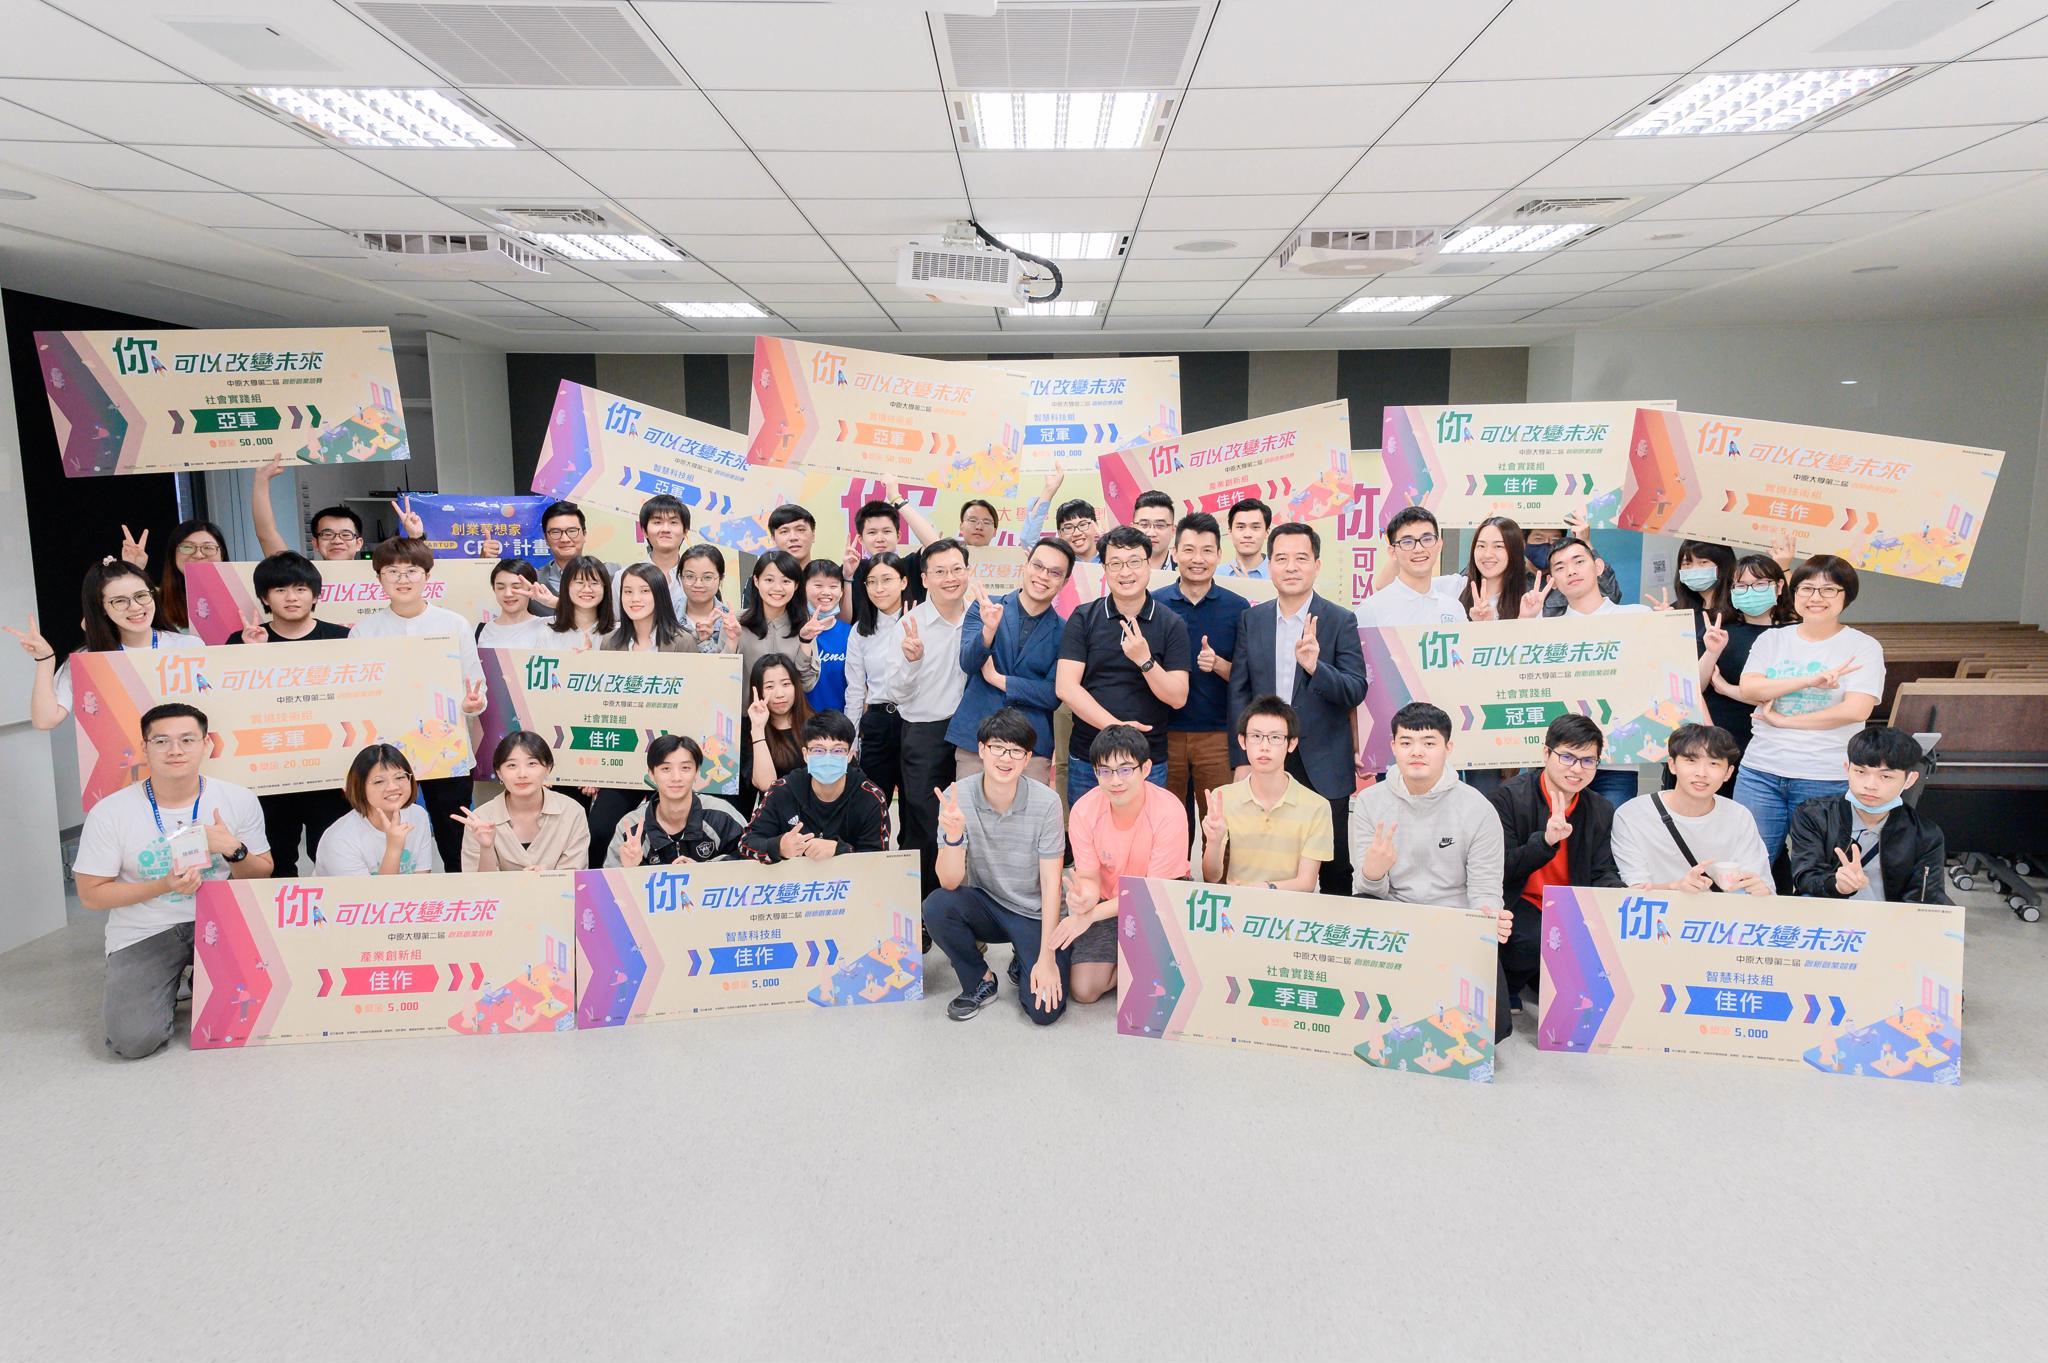 中原大學陪你創業圓夢 創新創業競賽帶你改變未來